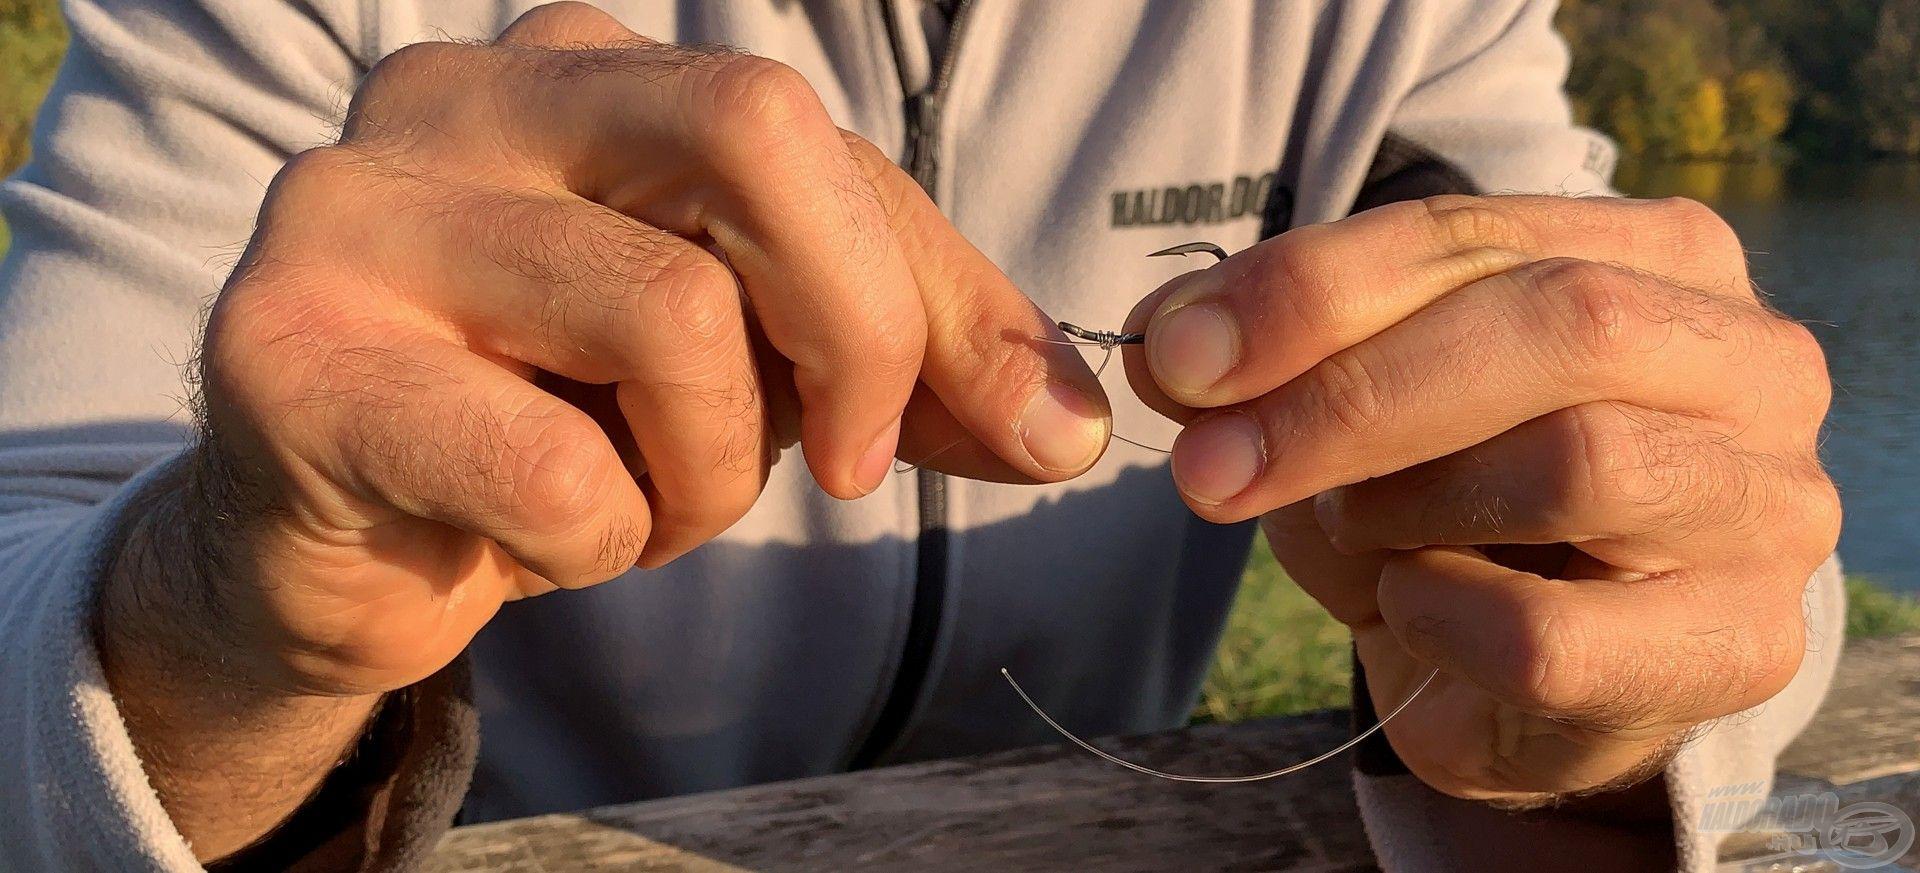 """Első lépésként egy """"Whipping knot"""" csomóval felerősítjük a horgot…"""